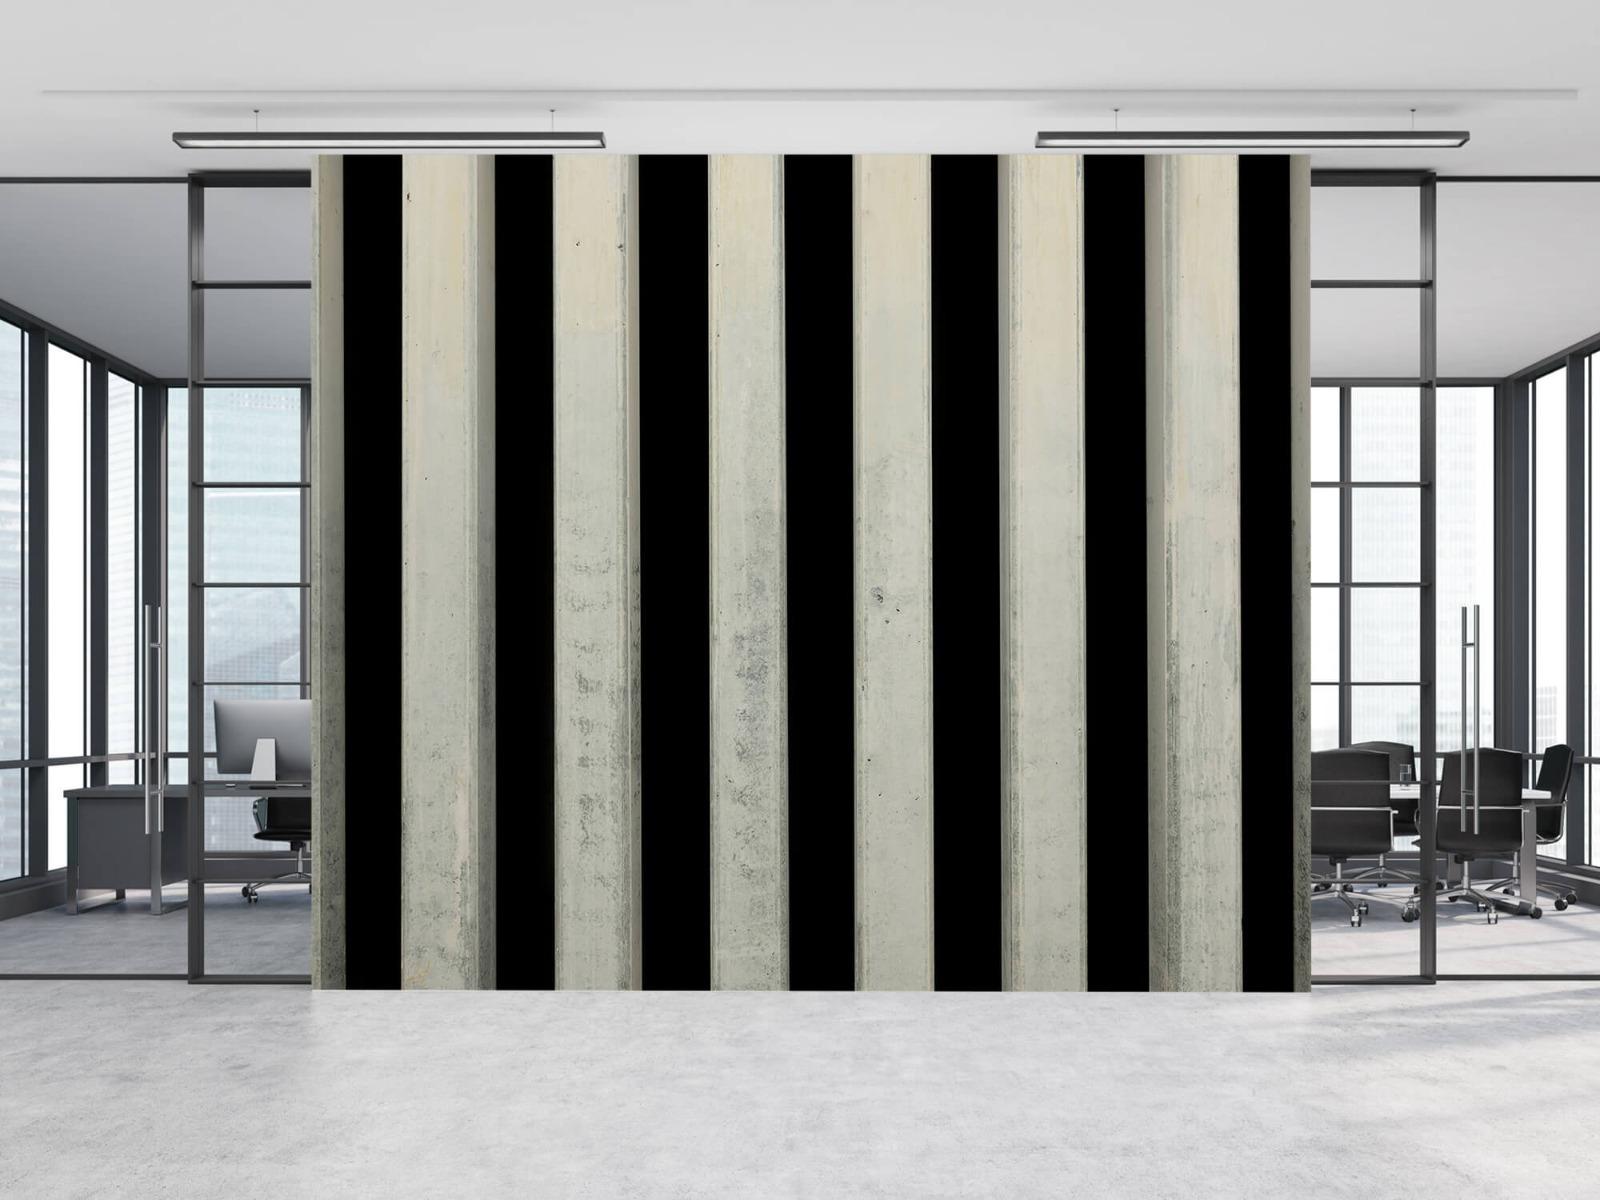 Elementen - Betonnen pilaren - Wallexclusive - Ontvangstruimte 2